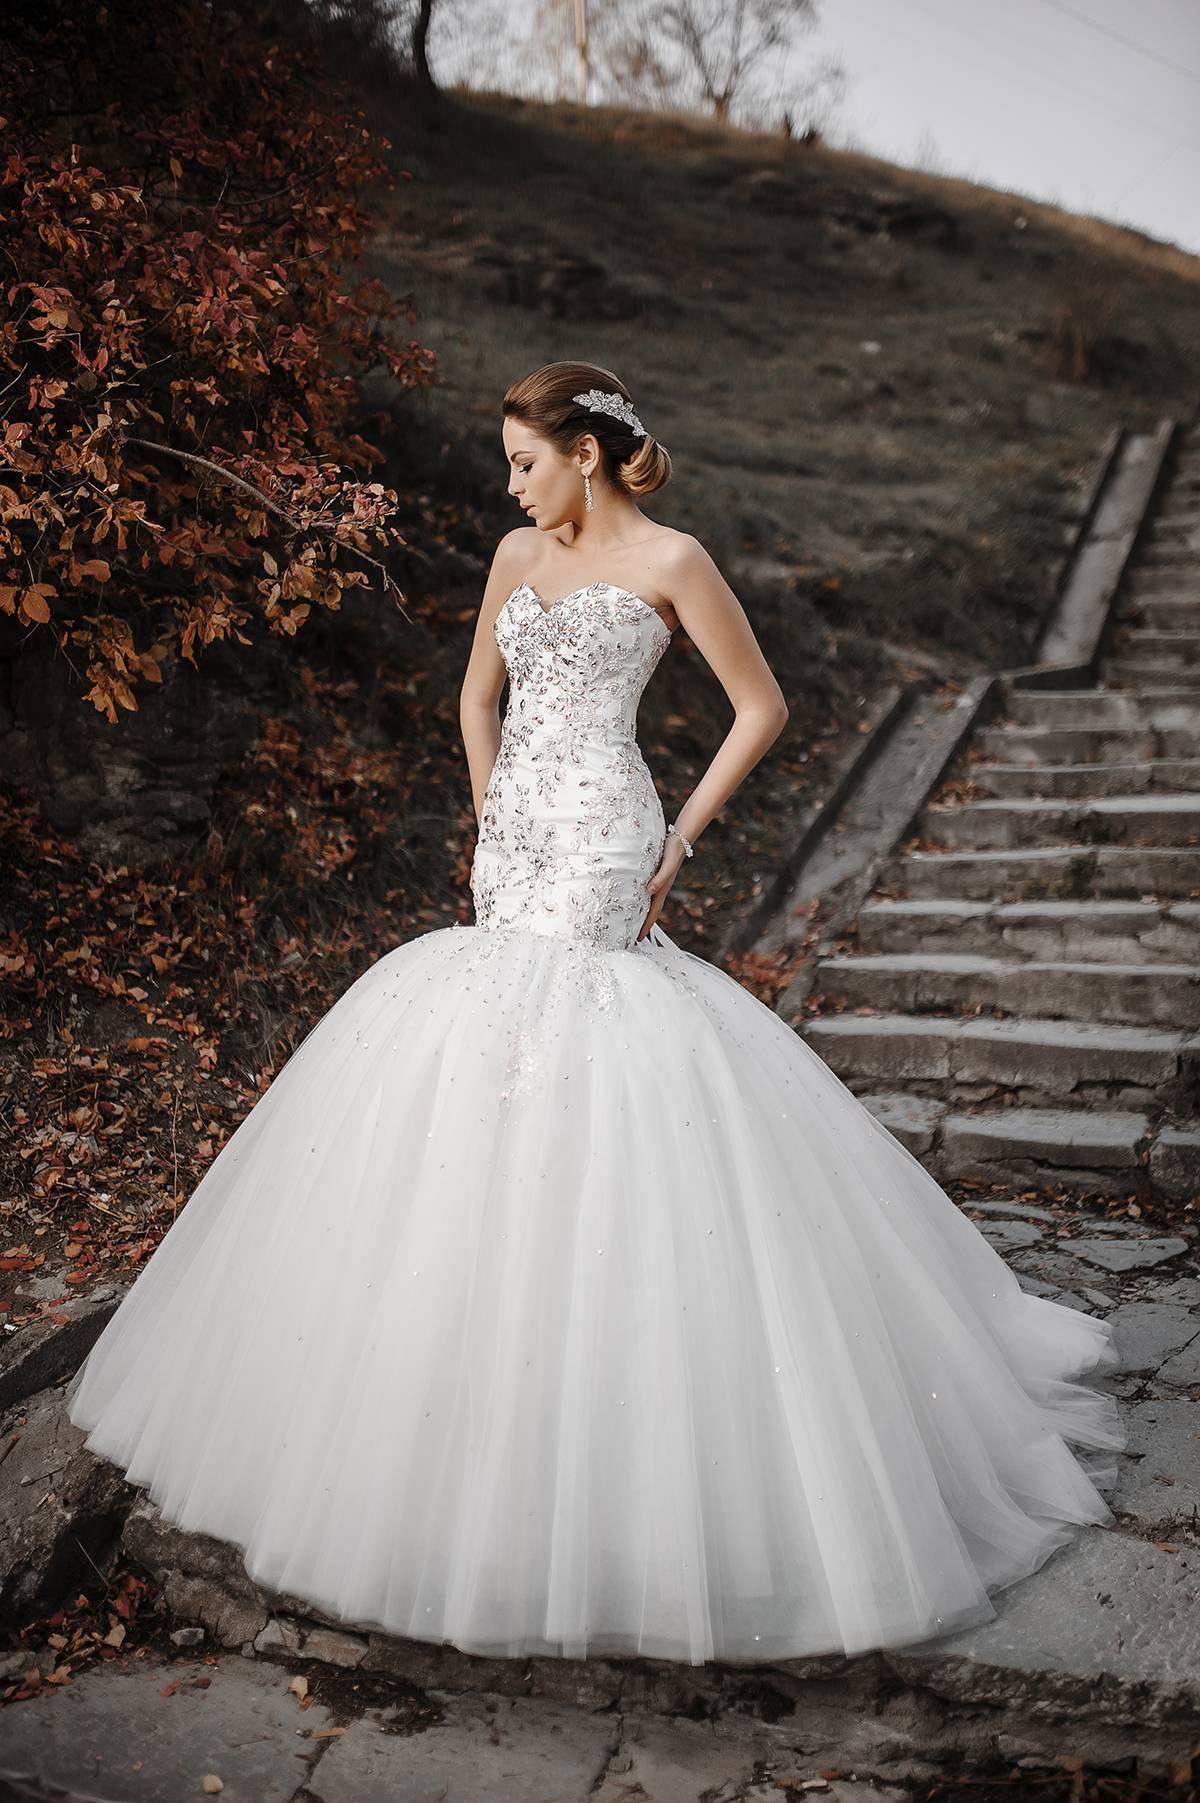 Красивый свадебный маникюр невесты 2020-2021 - фото, тенденции, идеи